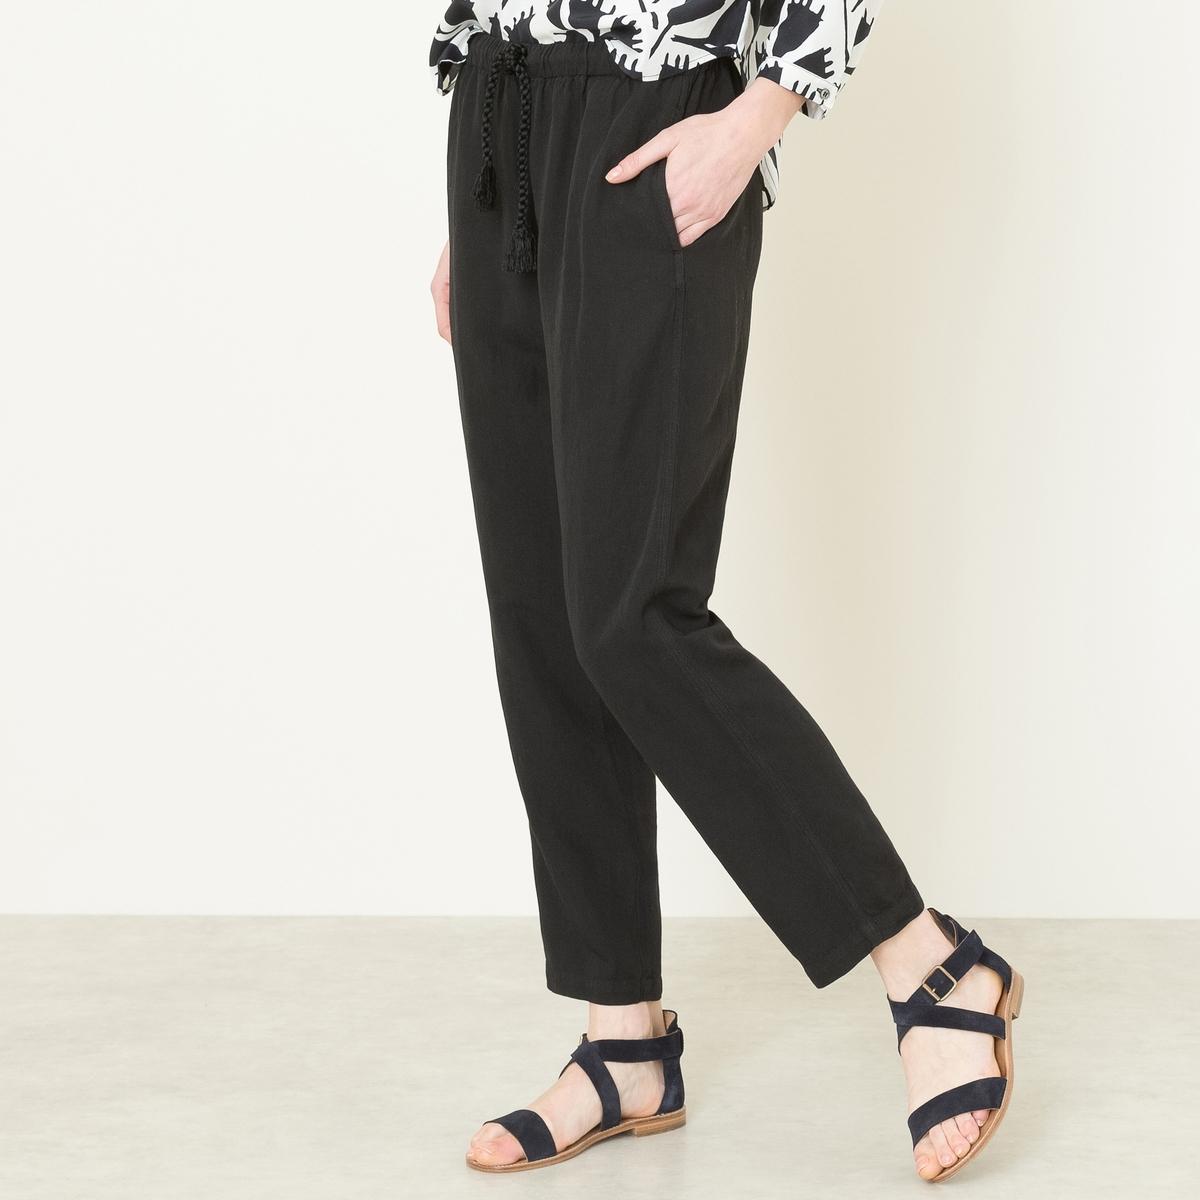 Брюки широкиеШирокие брюки POMANDERE - с эластичным поясом. Пояс с завязками на шнурок. Покрой широкий сверху и зауженный снизу. Струящаяся ткань с добавлением льна. Состав и описание   Материал : 79% вискозы, 21% льнаМарка : POMANDERE<br><br>Цвет: черный